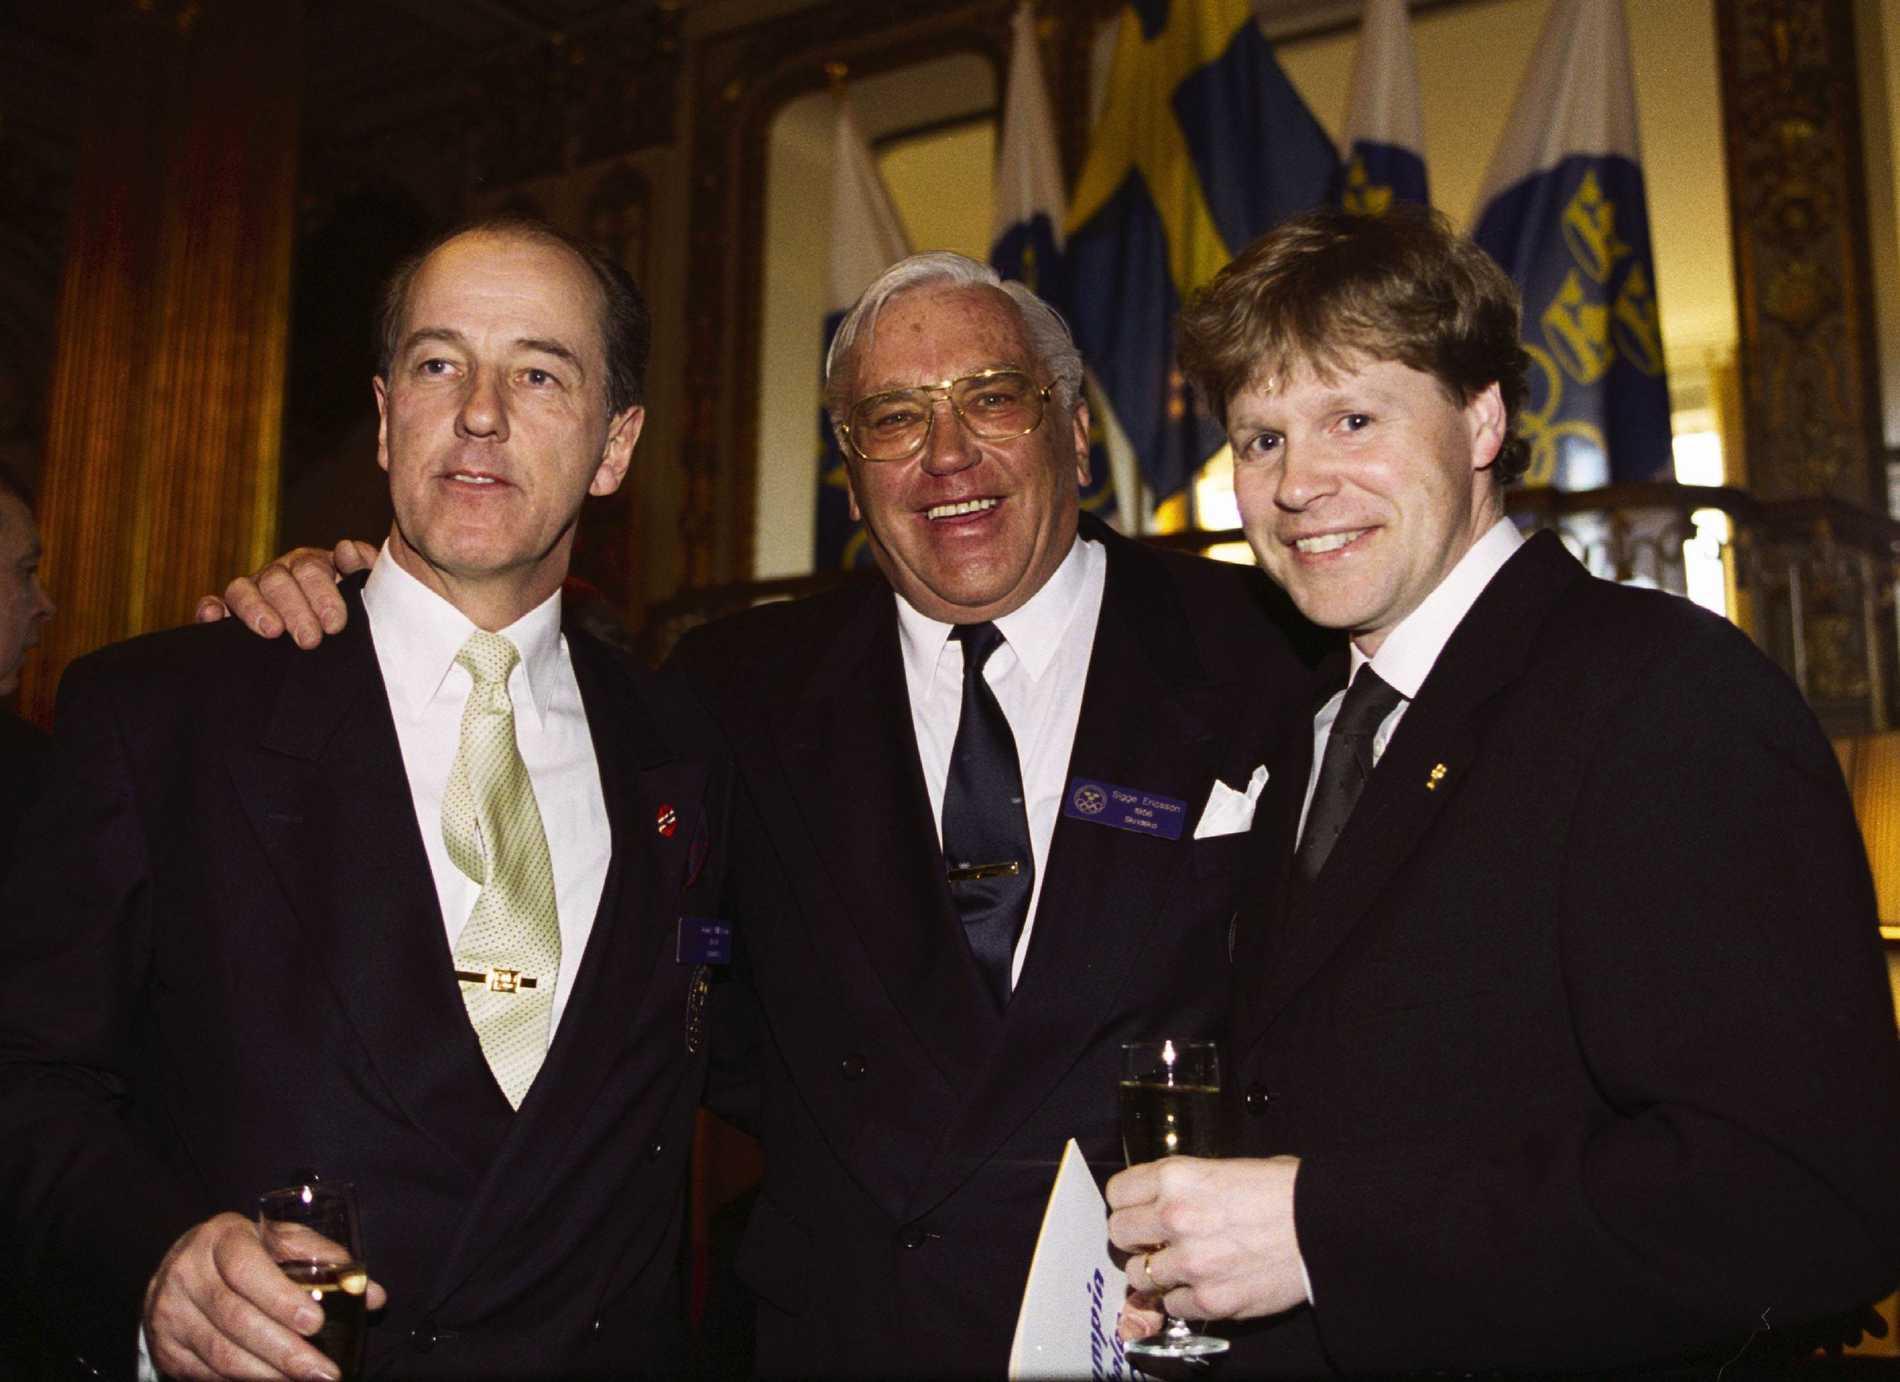 Sigge Ericsson (i mitten) tillsammans med två andra svenska OS-guldmedaljörer i skridsko, Jonny Nilsson (vänster) och Tomas Gustafson (höger) i Stockholm år 2000. Arkivbild.